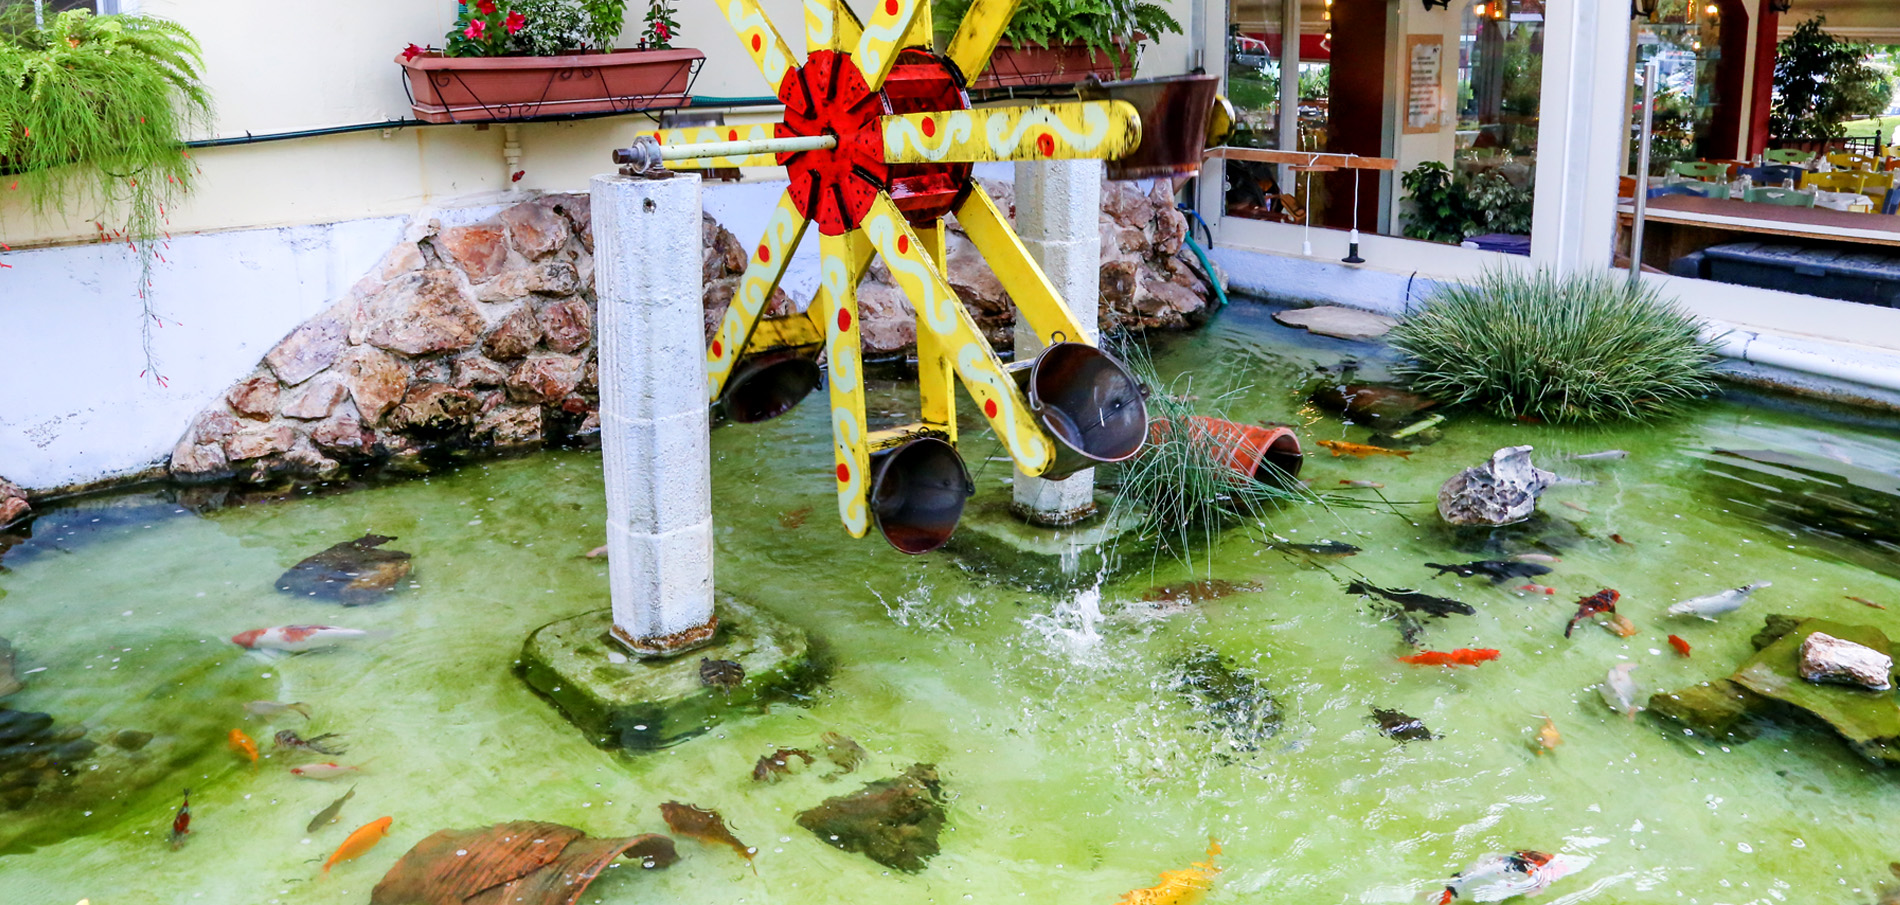 Κεμπαπτζίδικον Ο Νερόμυλος - ο νερόμυλος στη λίμνη με τα ψάρια